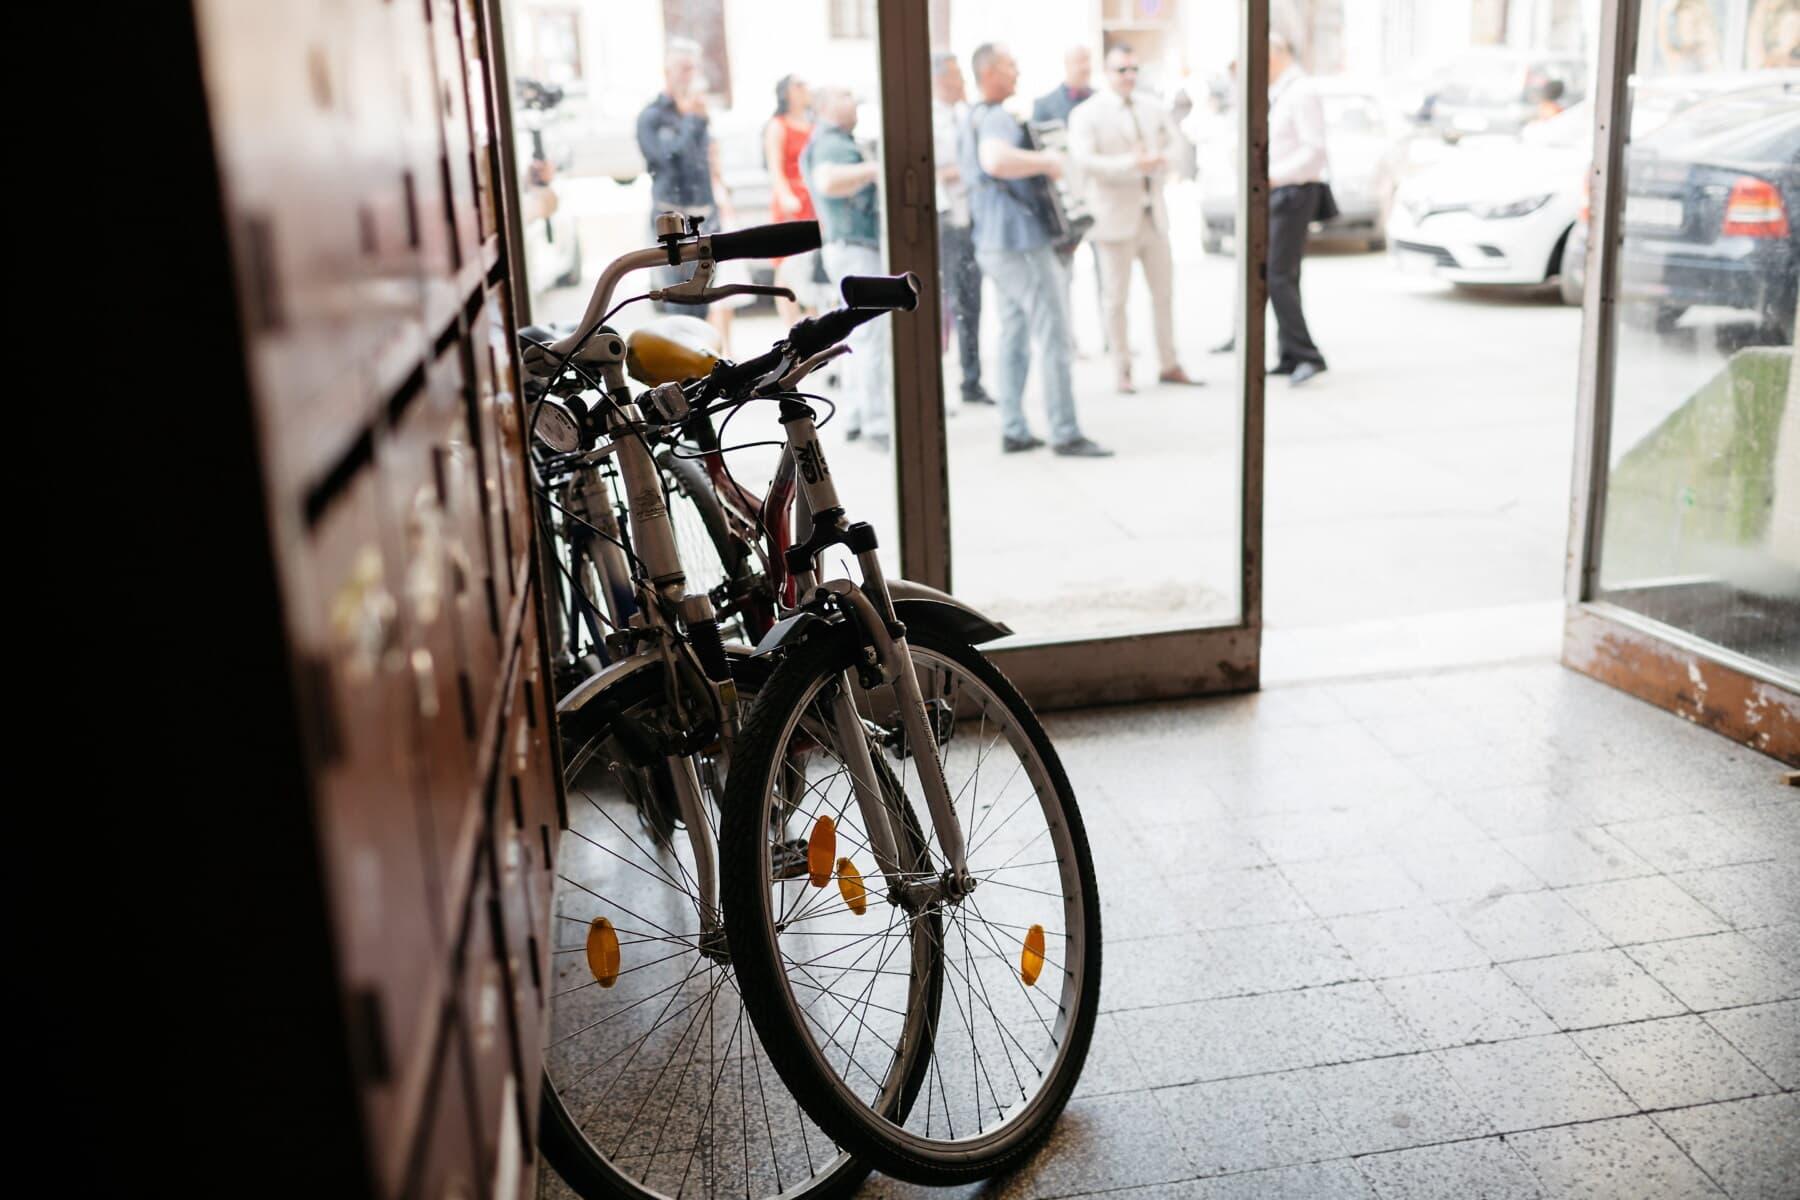 Fahrrad, vor der Tür, innen, Gebäude, Rad, Fahrrad, Straße, Stadt, Urban, Menschen